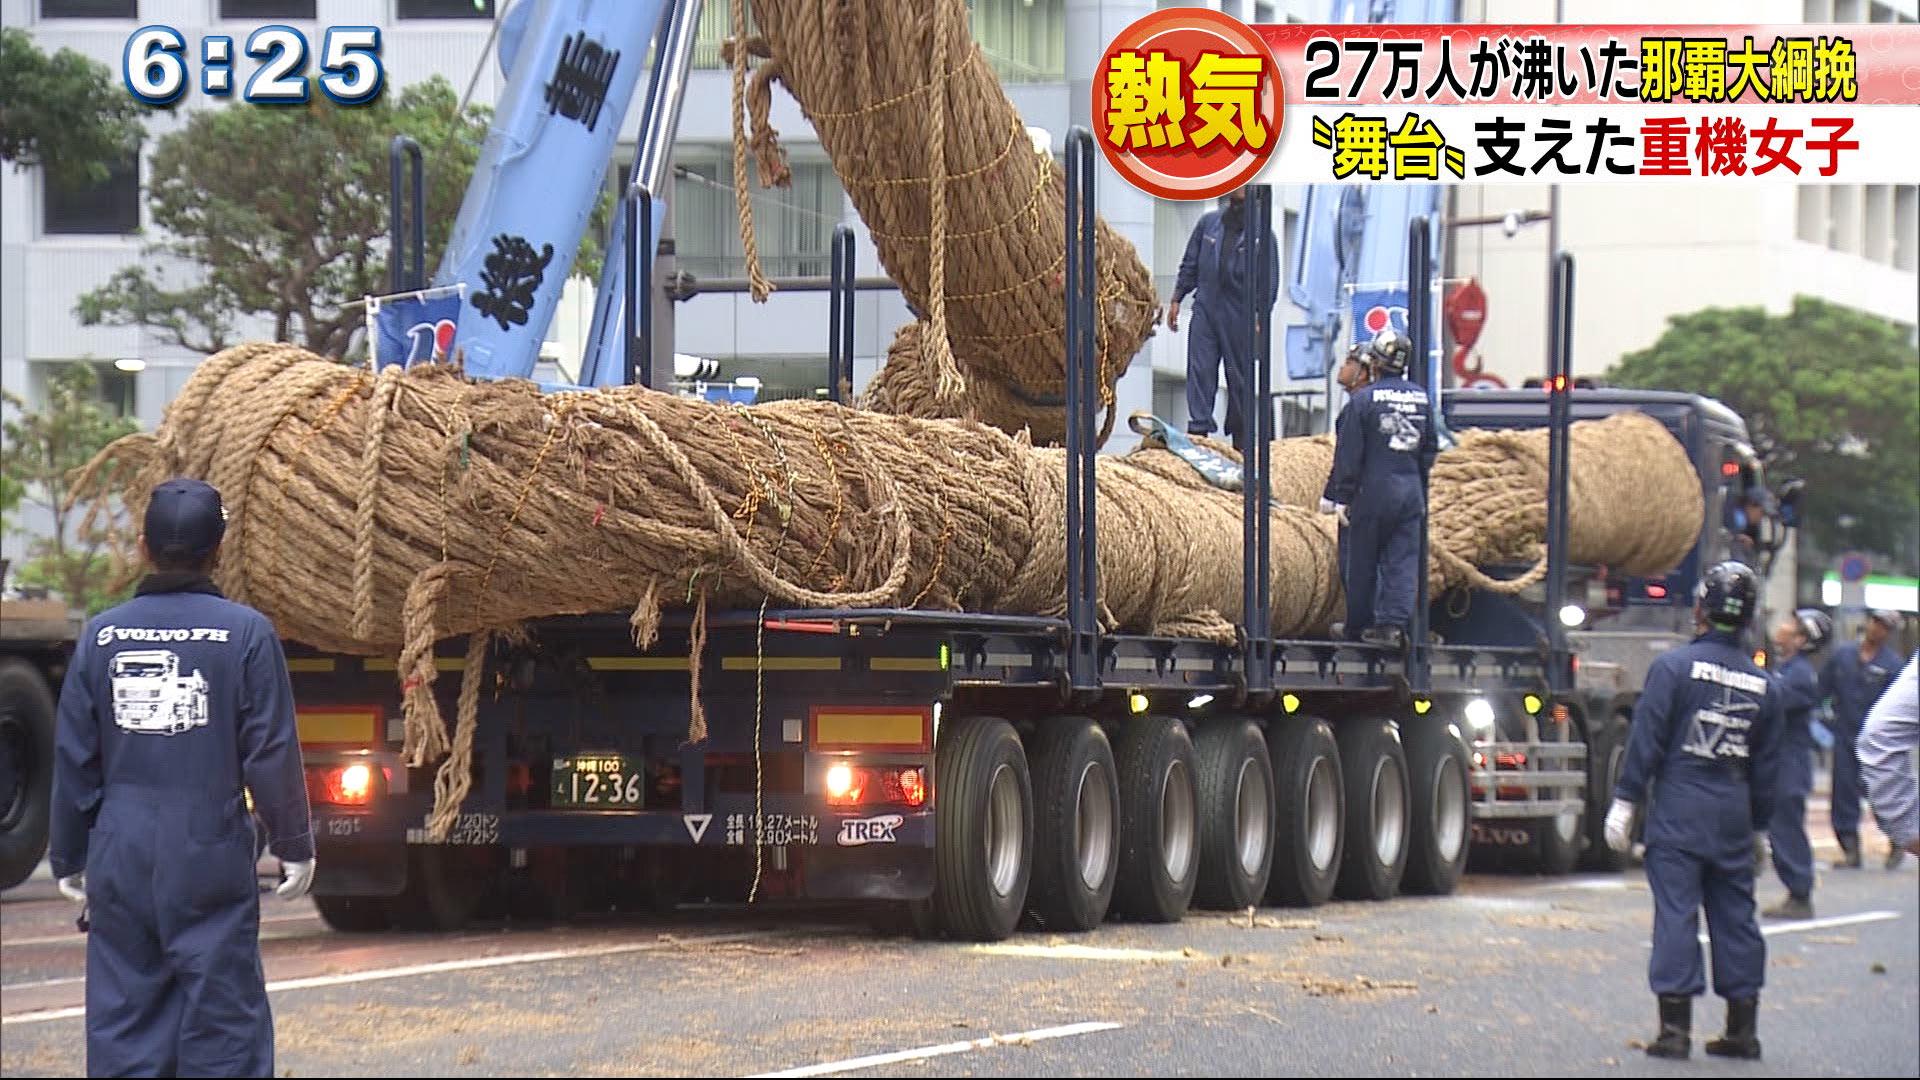 無事、トレーラーに収められた大綱を運んでゆくその雄姿に拍手が送られます。